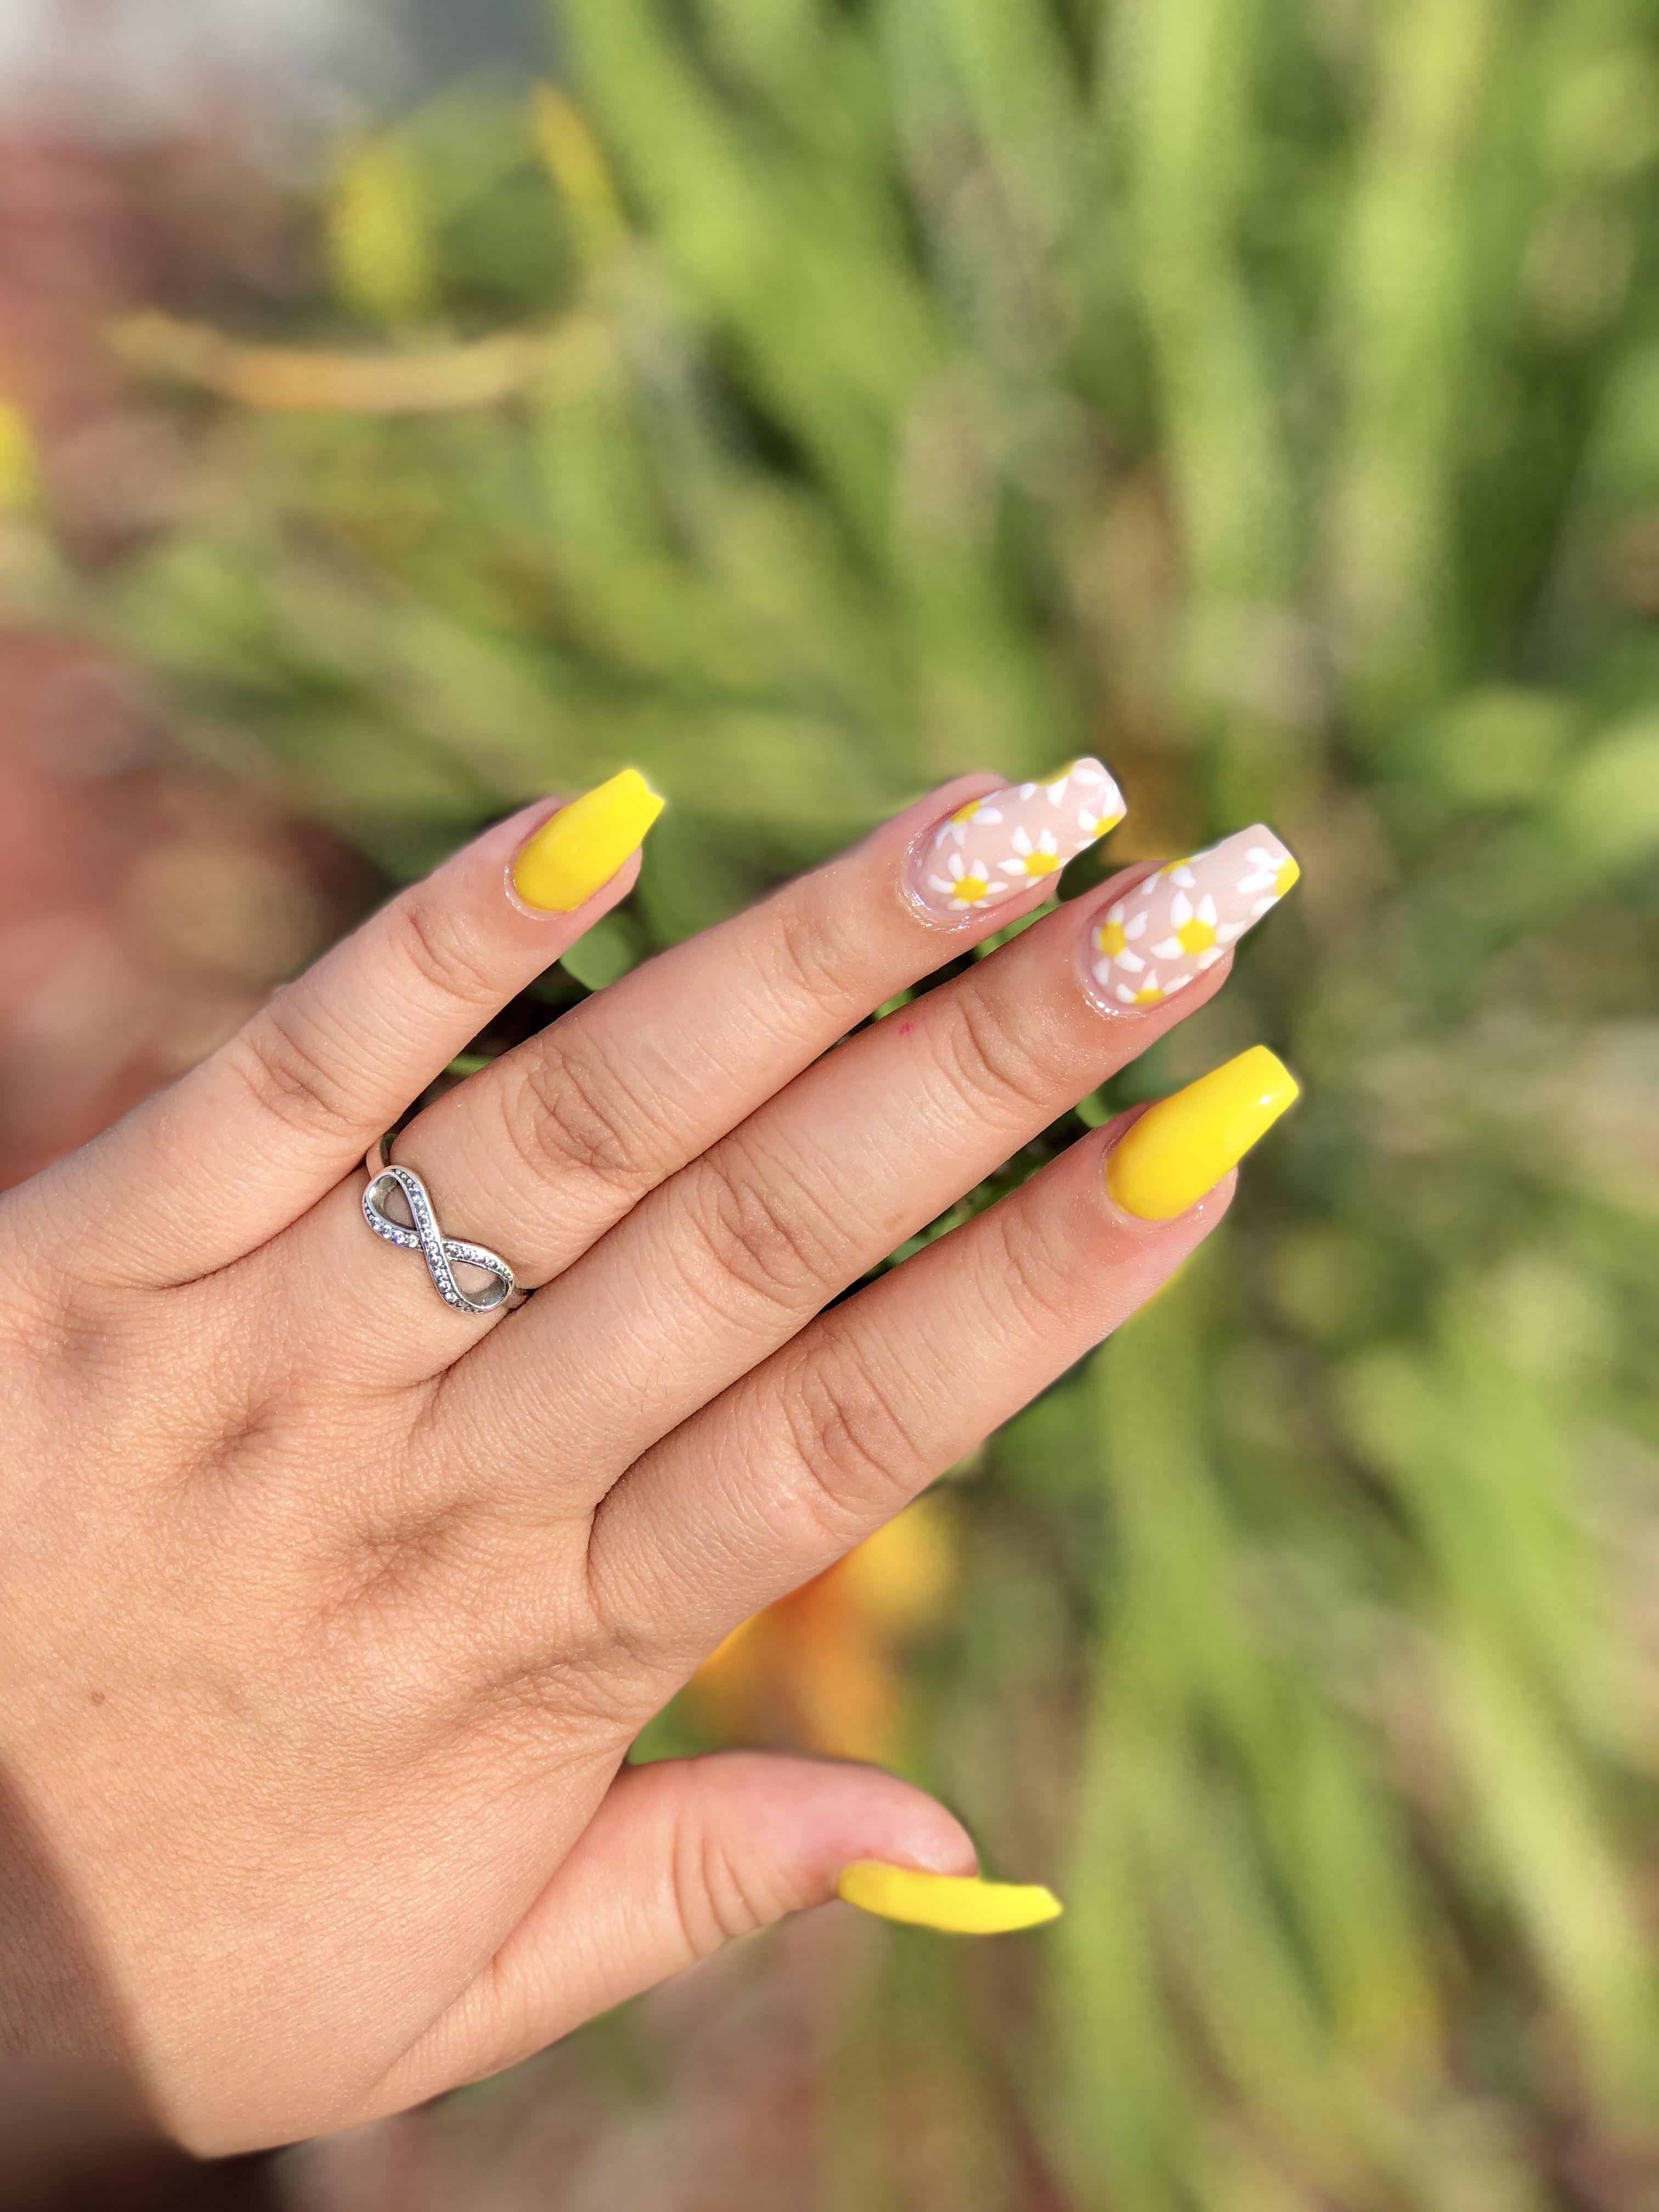 Yellow Flower Nails Flower Nails Flower Nail Designs Yellow Nails